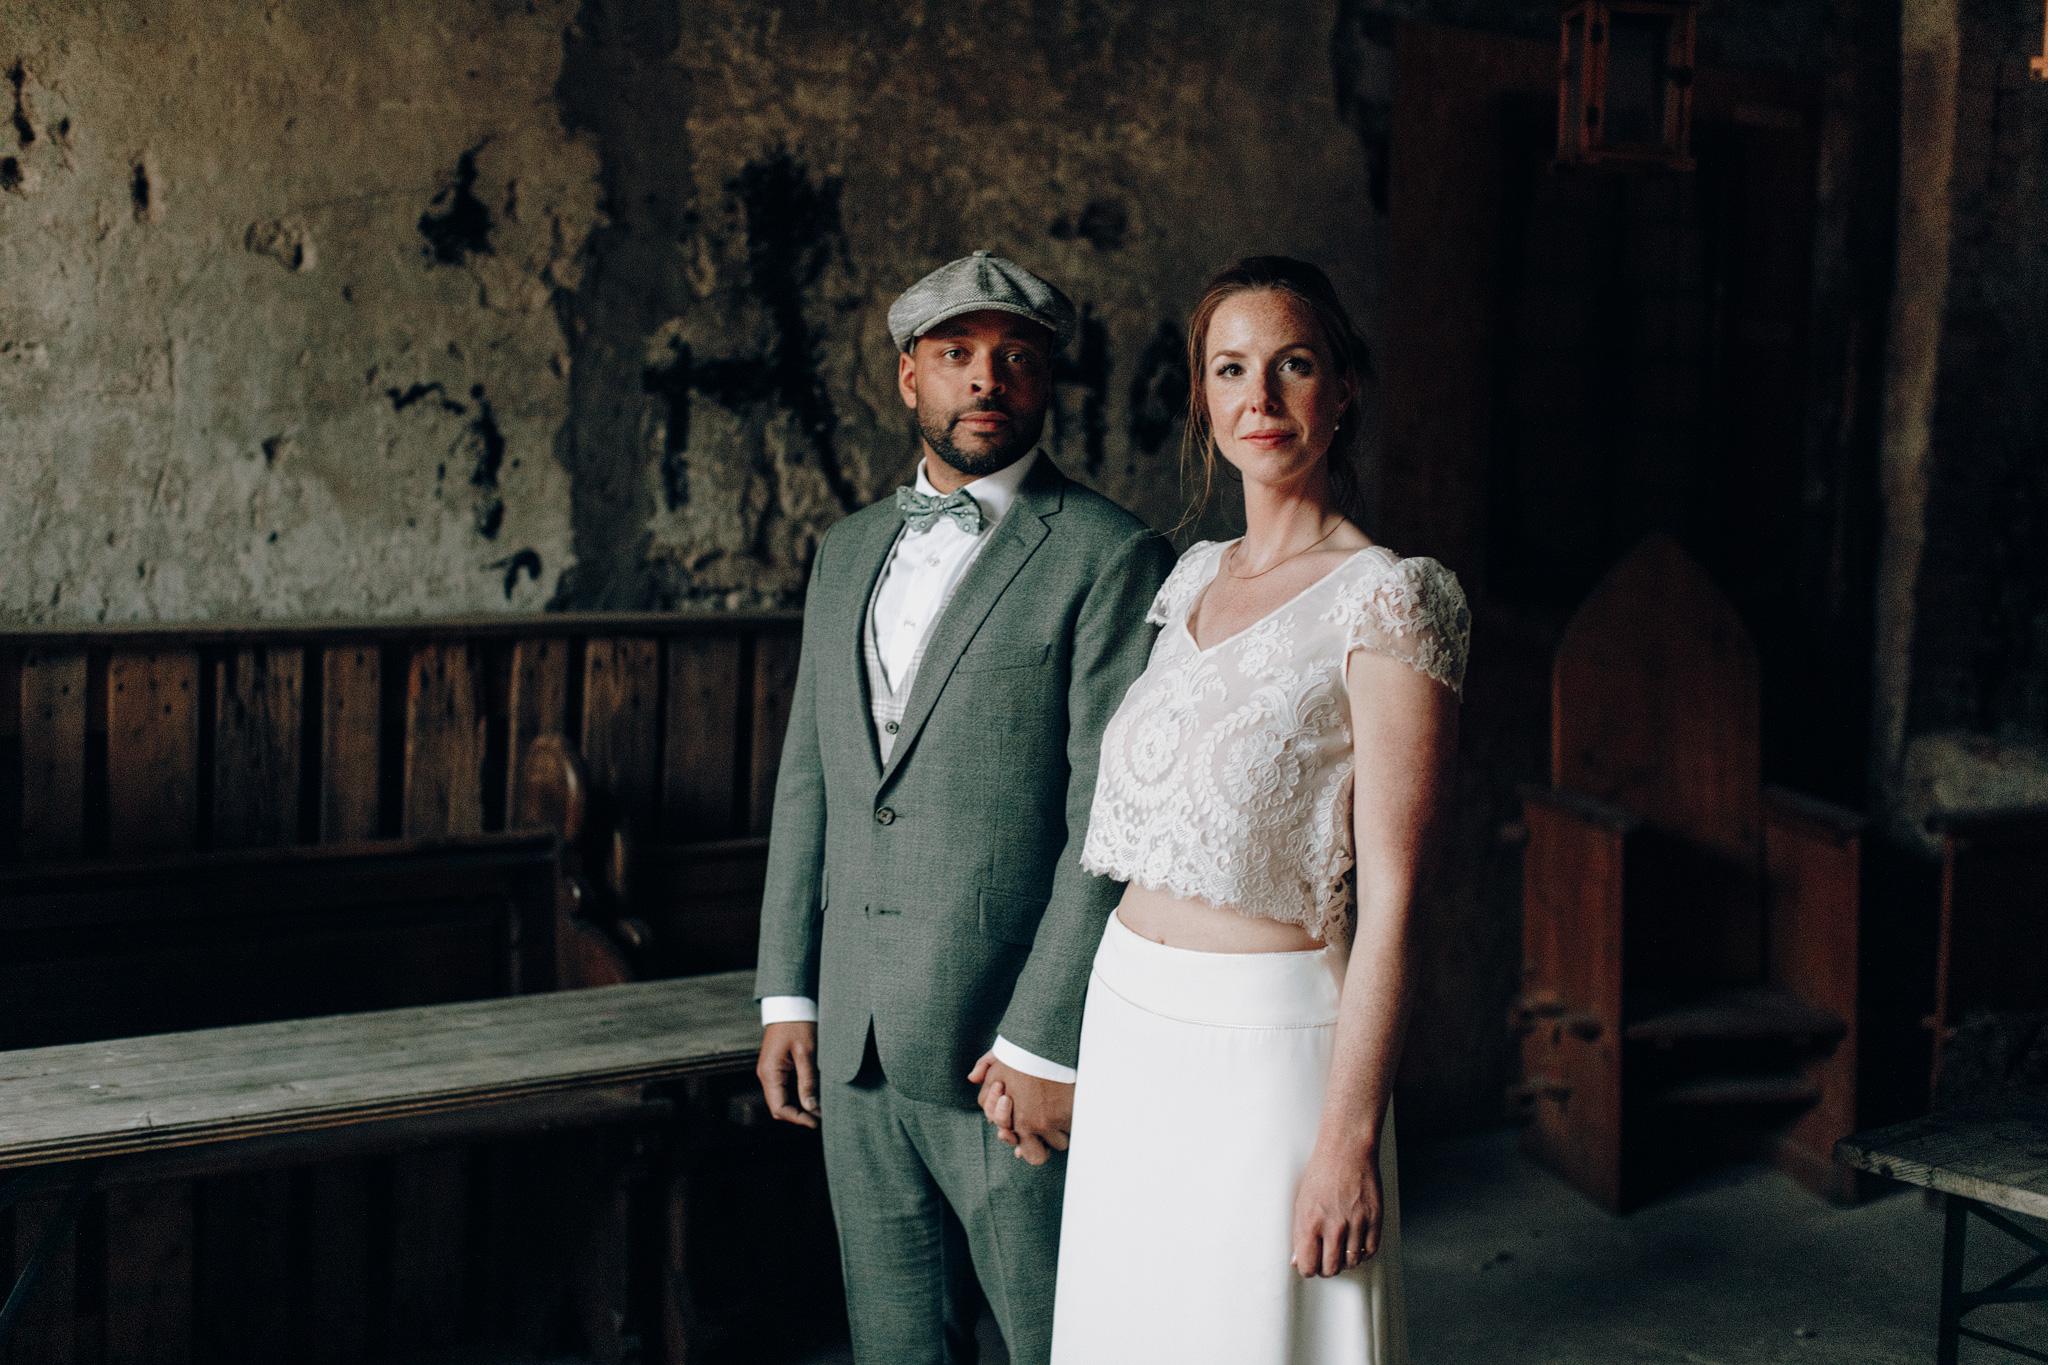 Bruid en bruidegom kijkend naar camera tijdens trouwreportage Kloster Graefenthal